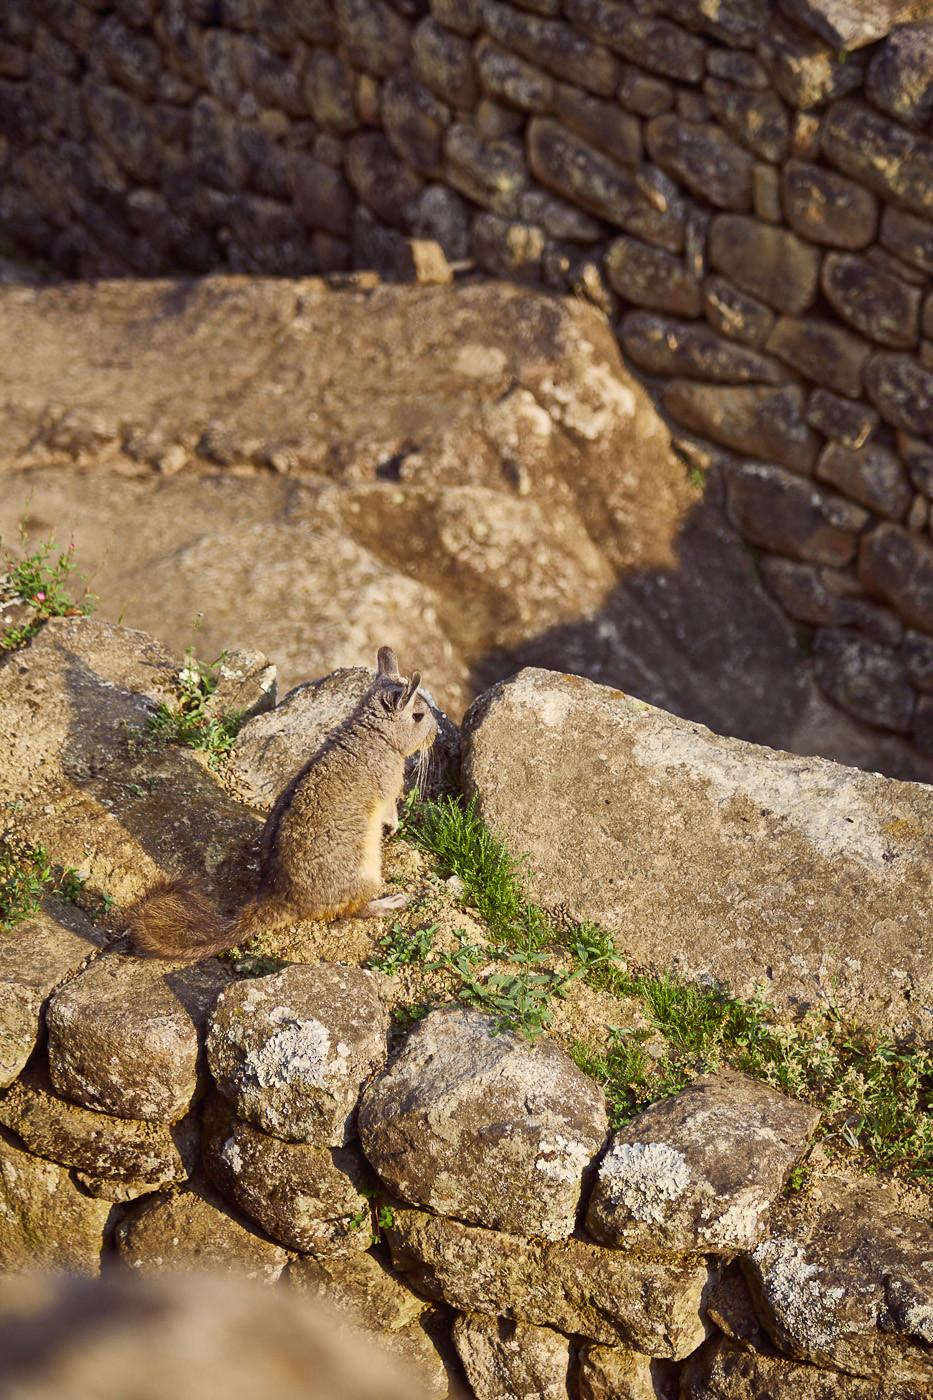 Da war ja tatsächlich ein echter Hase! Kein Urbild der Inka, wie ich zuerst vermutet hatte. Ein süßer, kleiner Pampashase